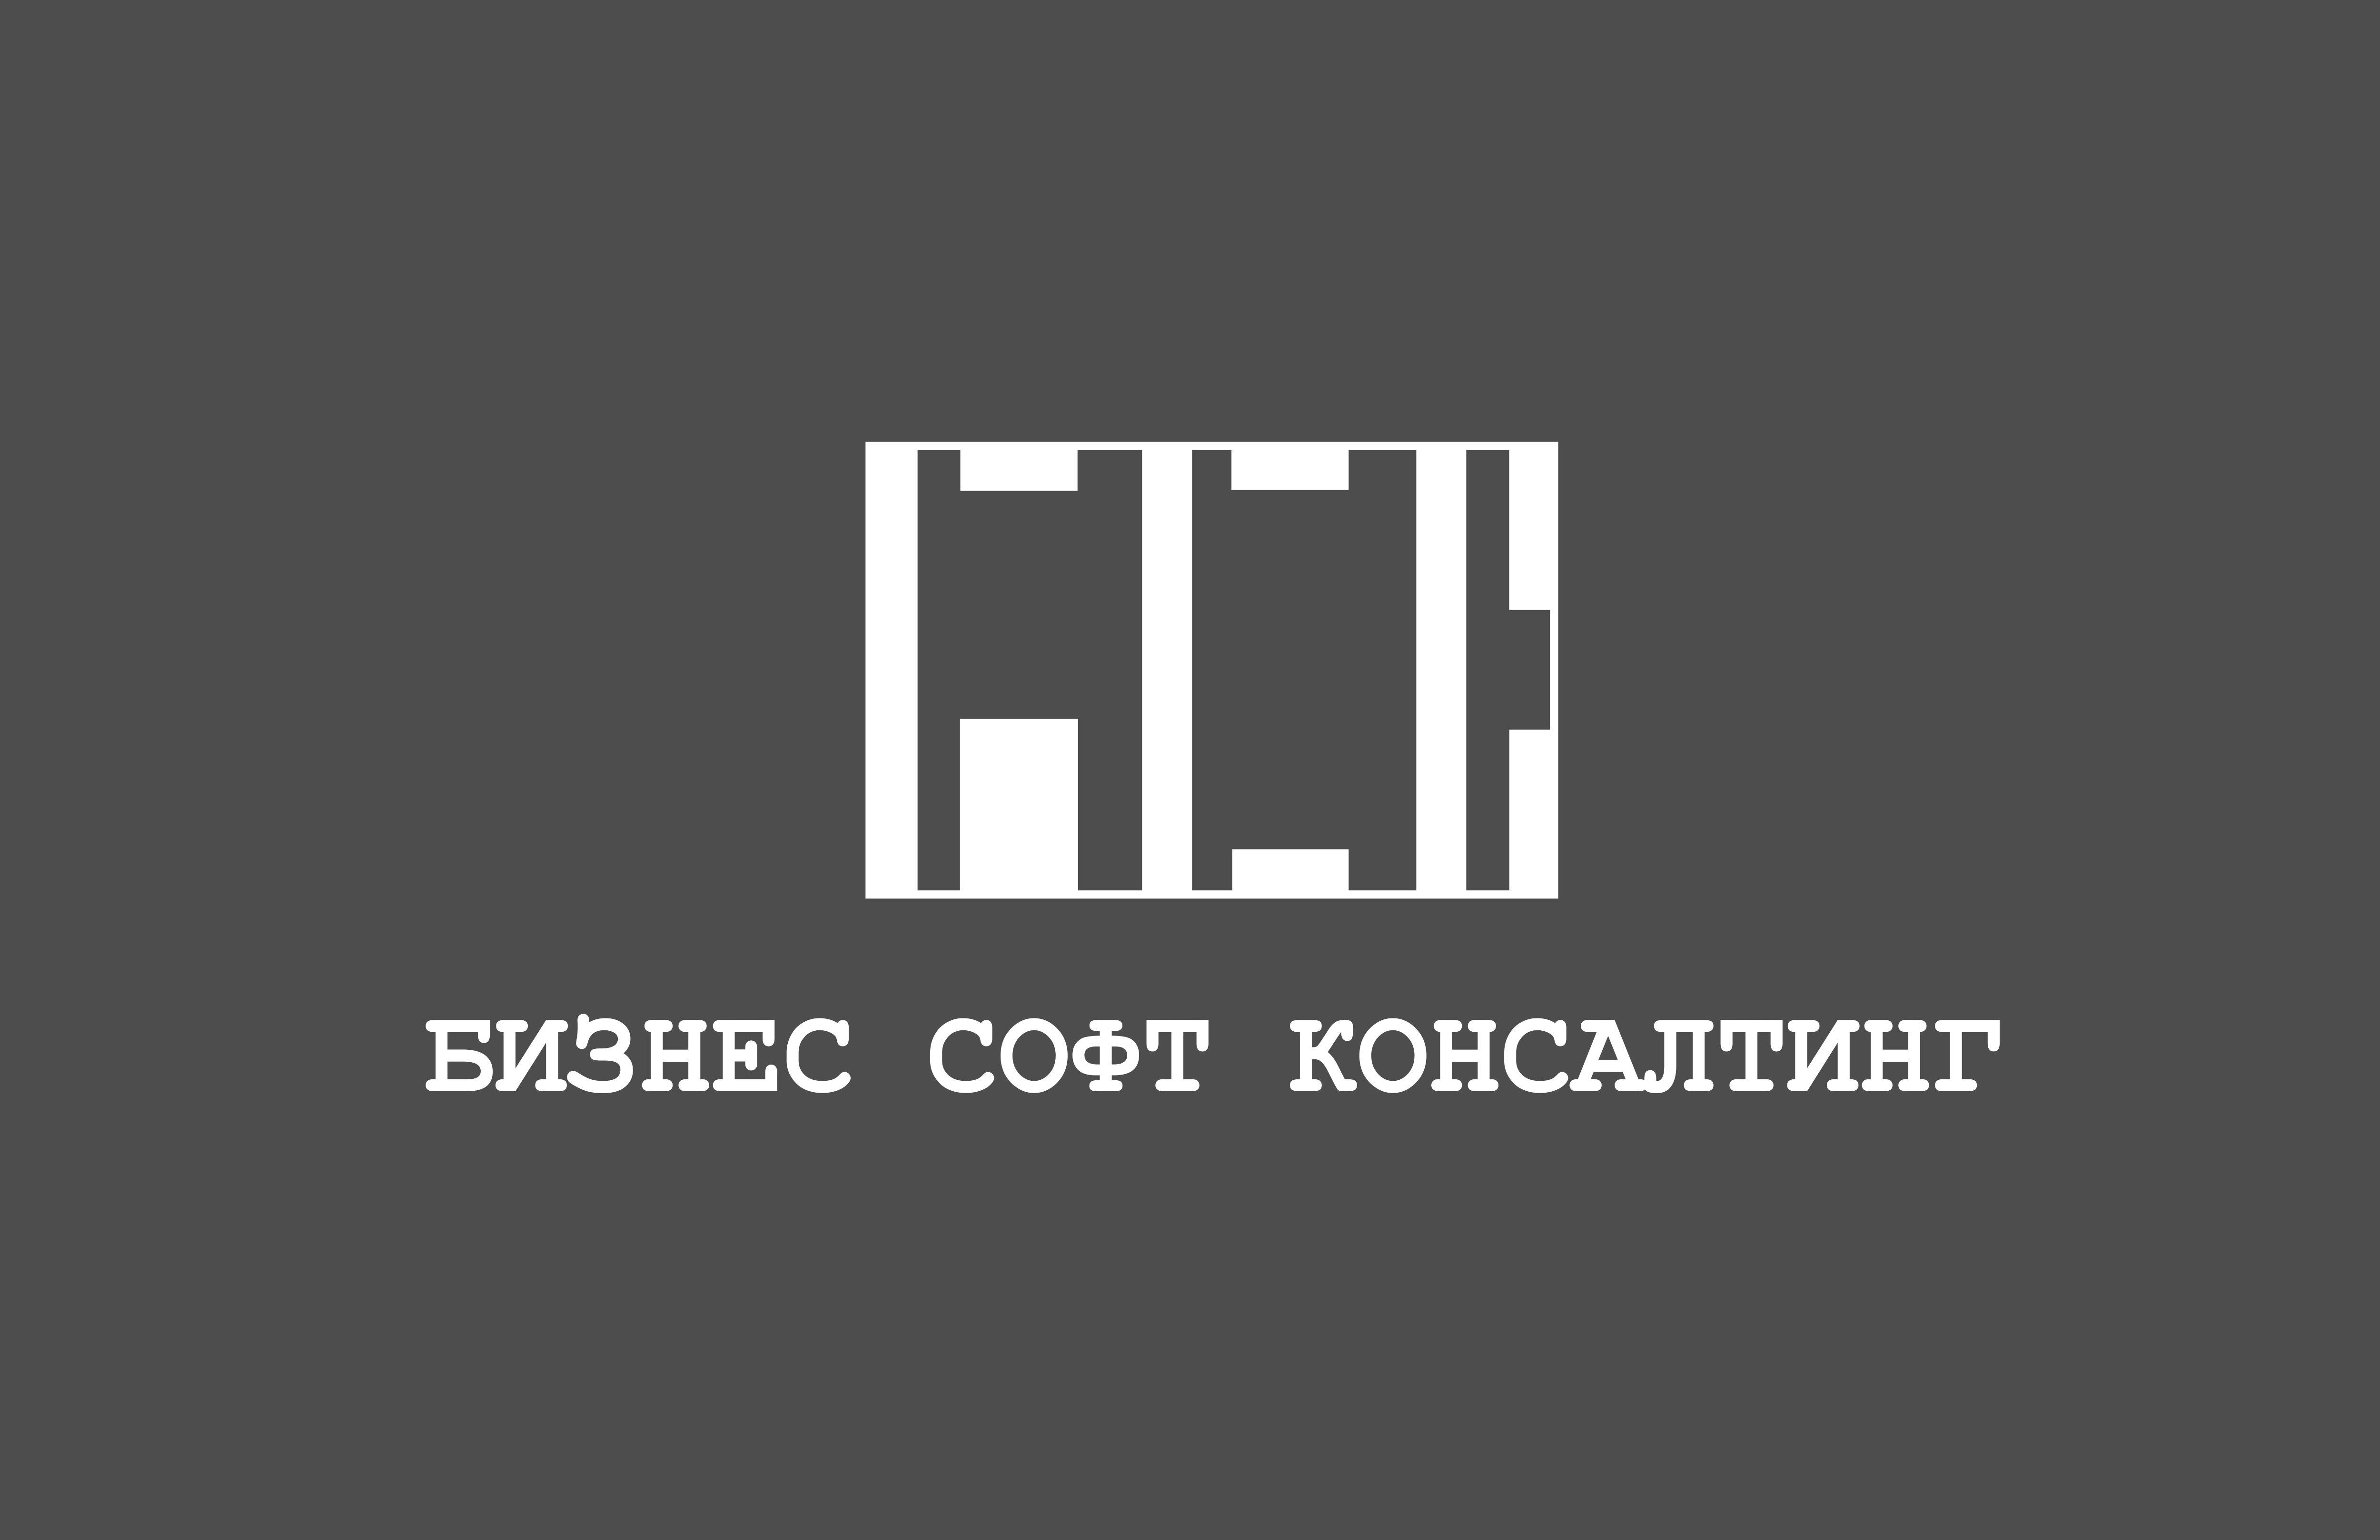 Разработать логотип со смыслом для компании-разработчика ПО фото f_50477ab5833c2.jpg